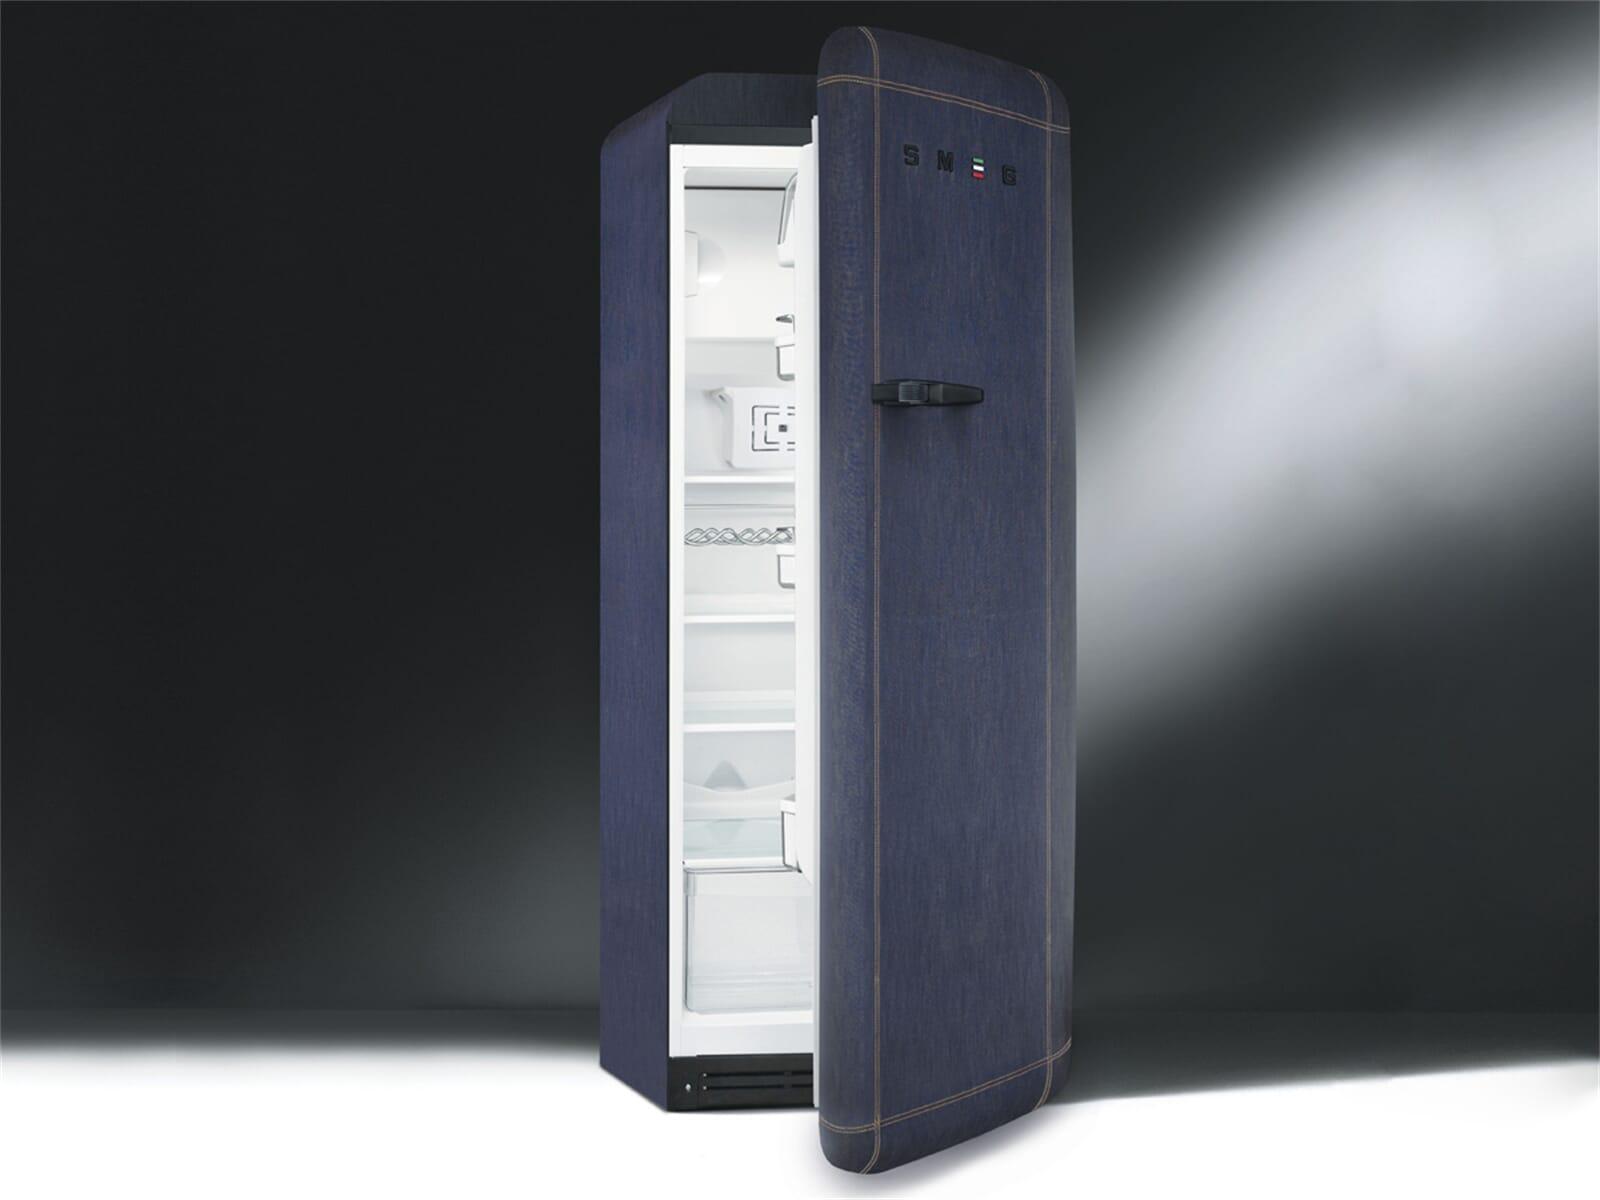 Smeg Kühlschrank Rosa Klein : Smeg kühlschrank rosa smeg schwarz kühlschrank laura braden